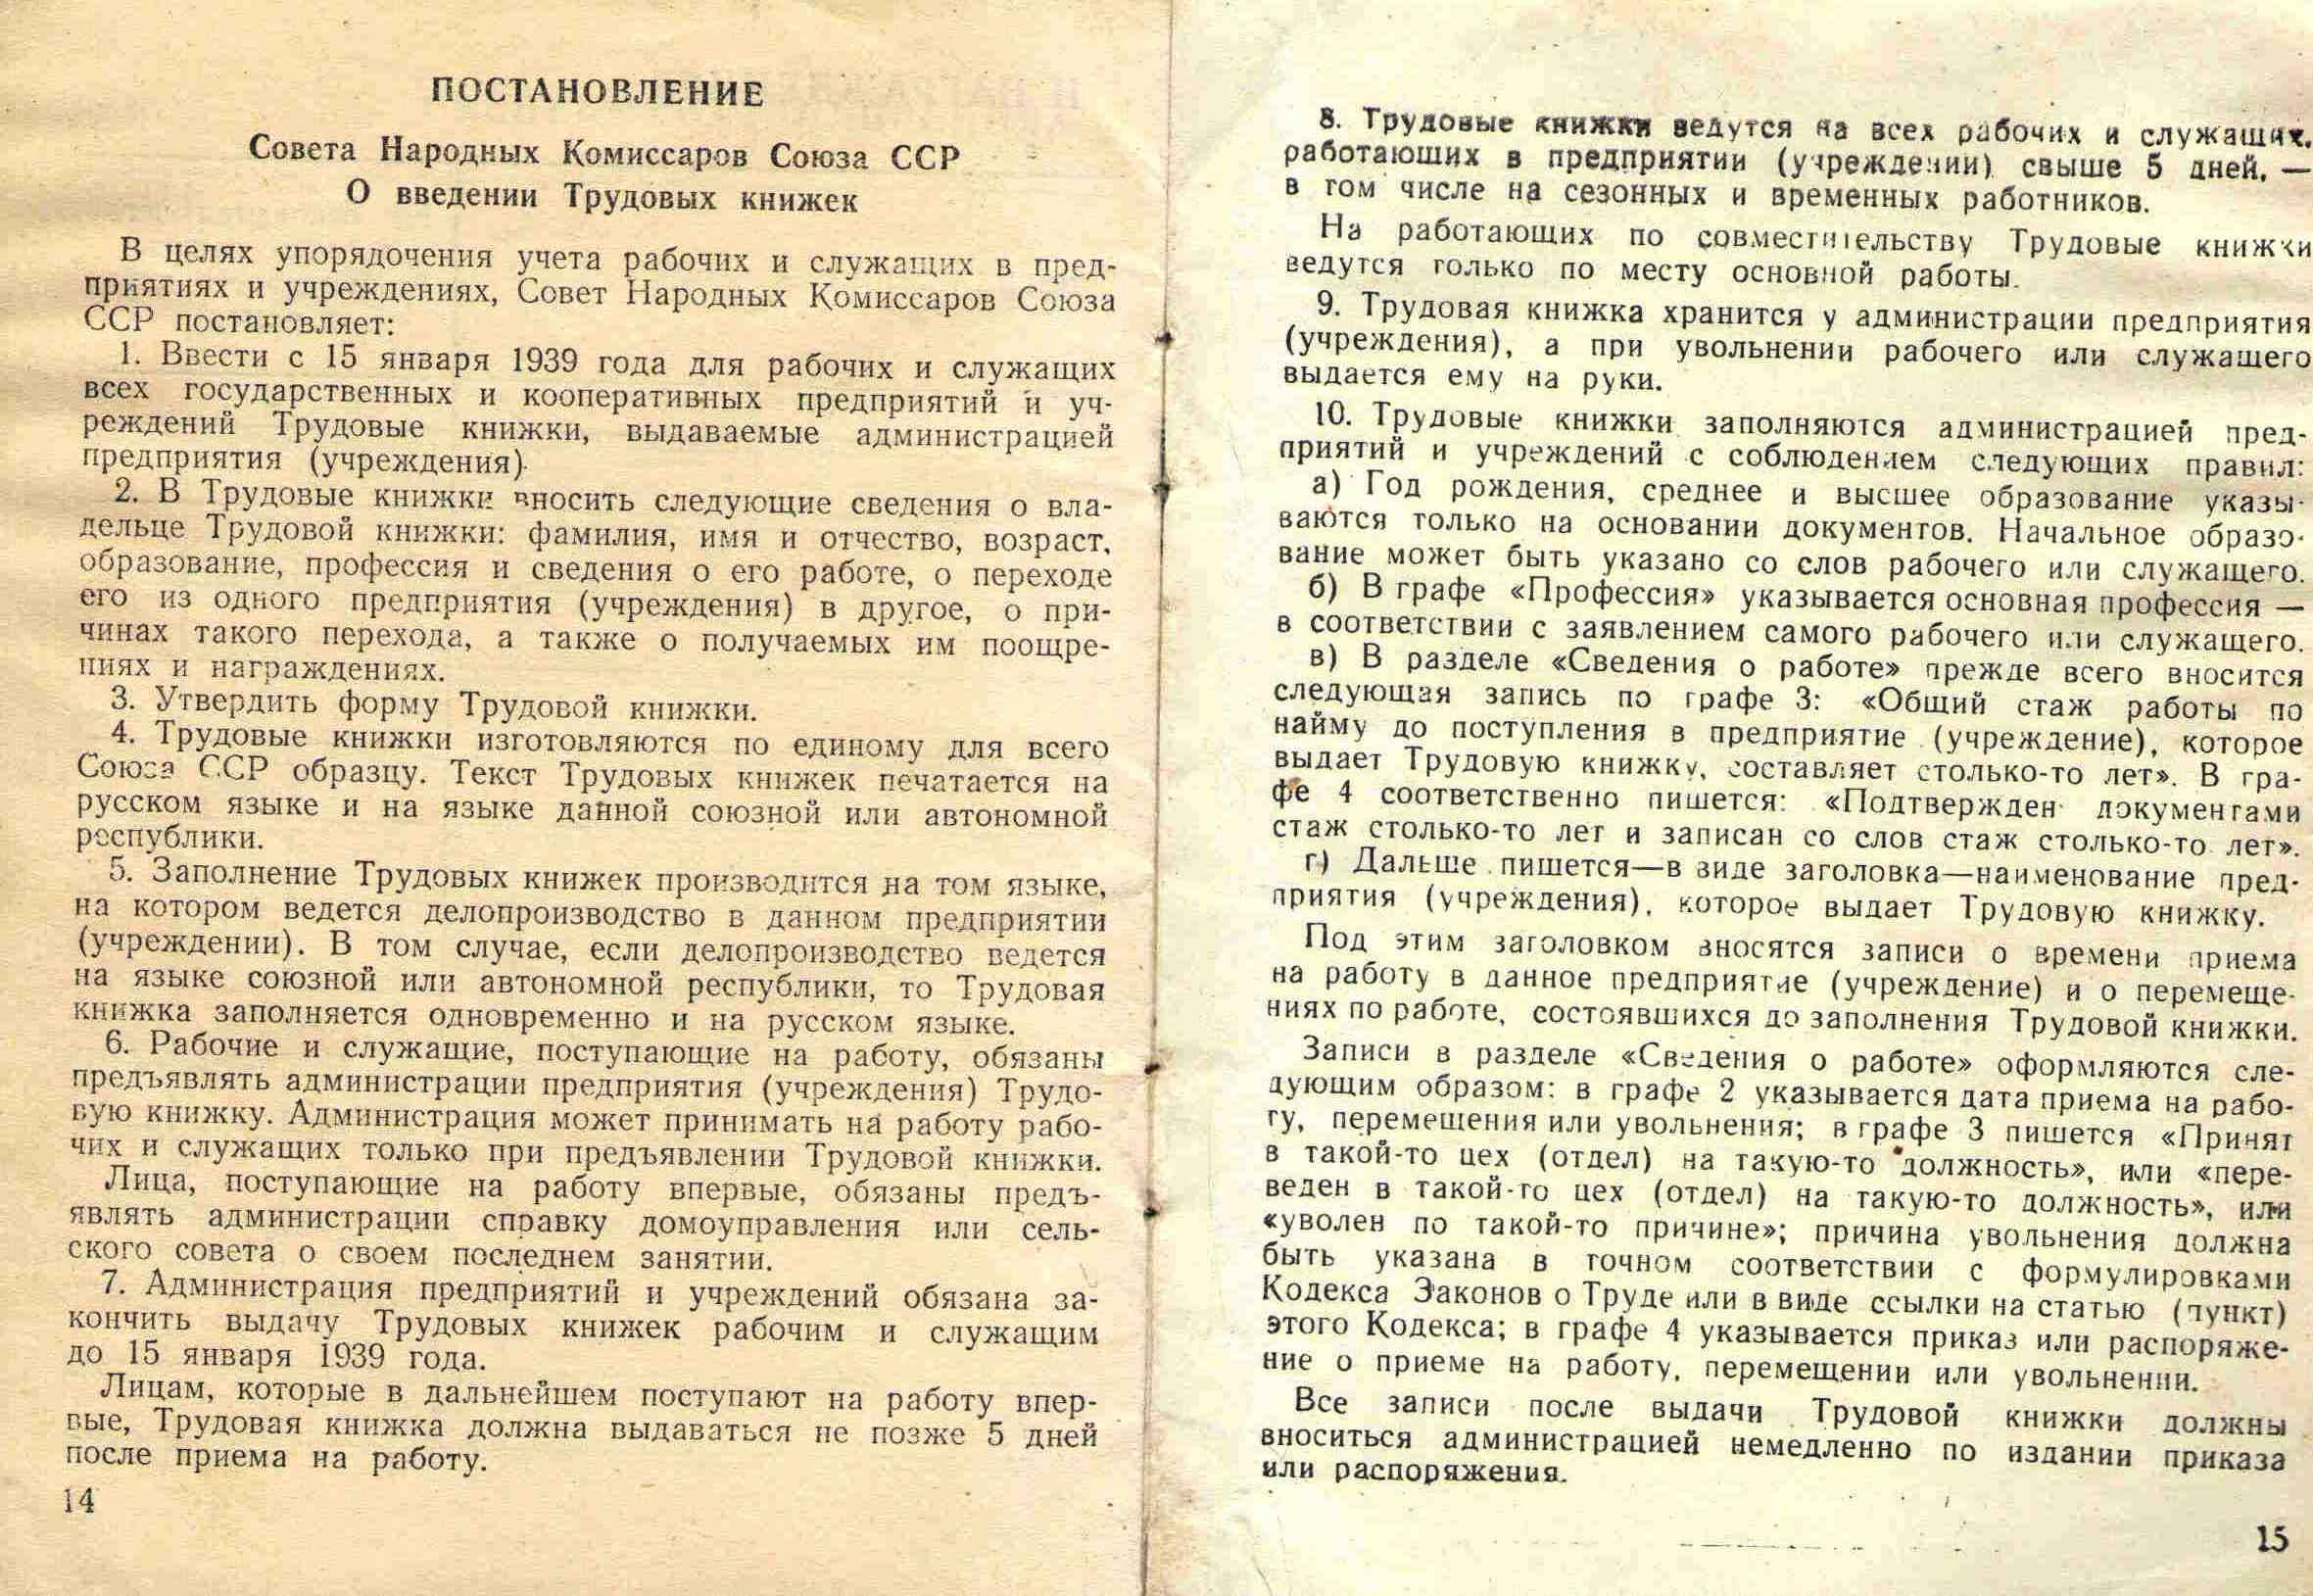 39. Трудовая книжка Барыкиной МГ, 1957.